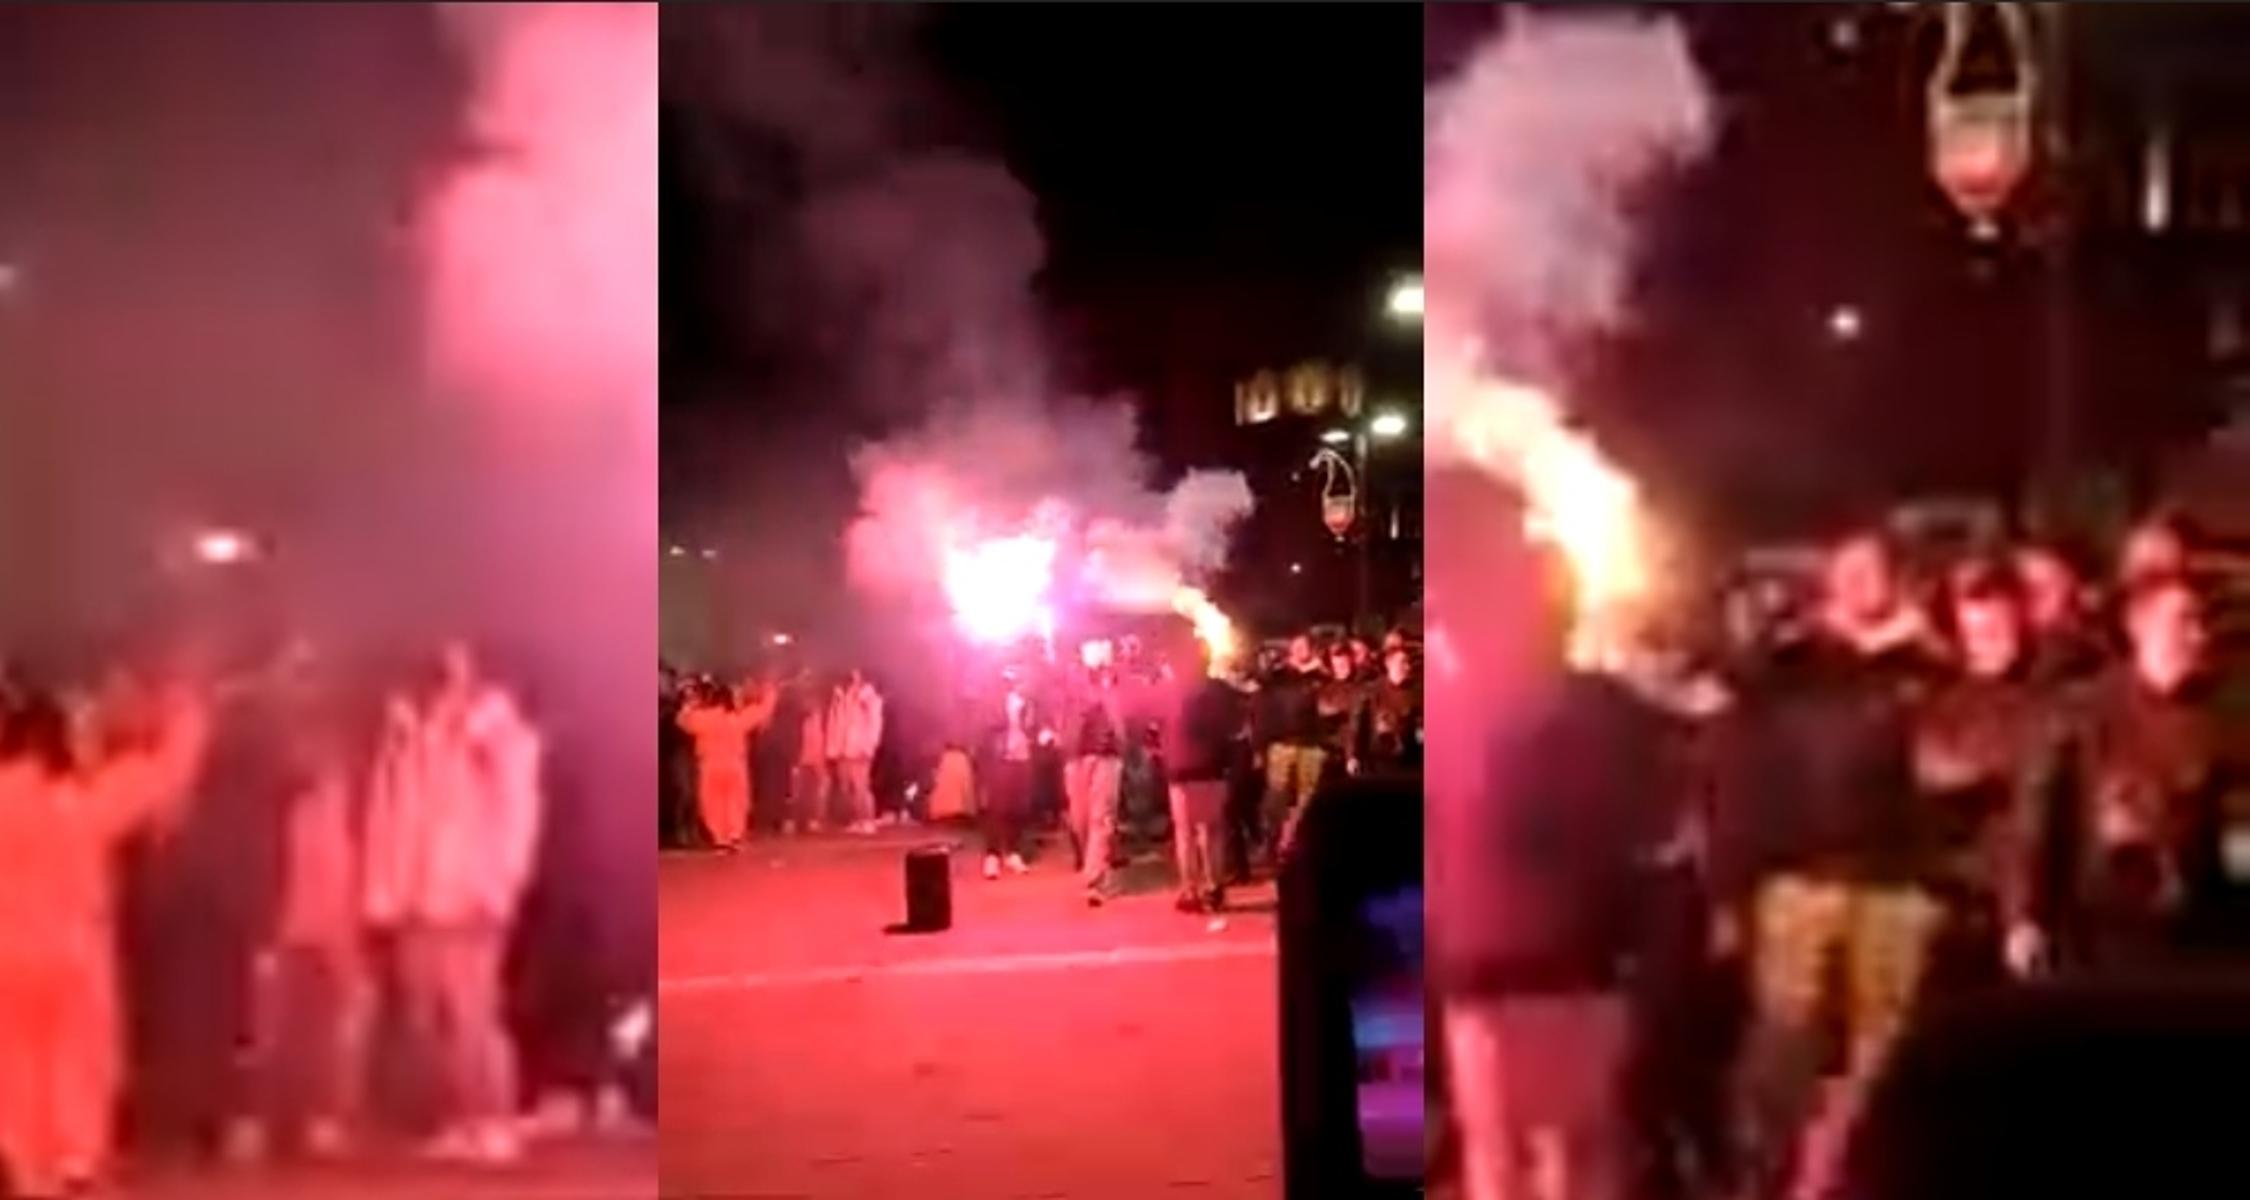 Ξάνθη – Κορονοϊός: Πρόστιμο στον βασιλιά του καρναβαλιού – Οι εικόνες που έφεραν «καμπάνες» (video)